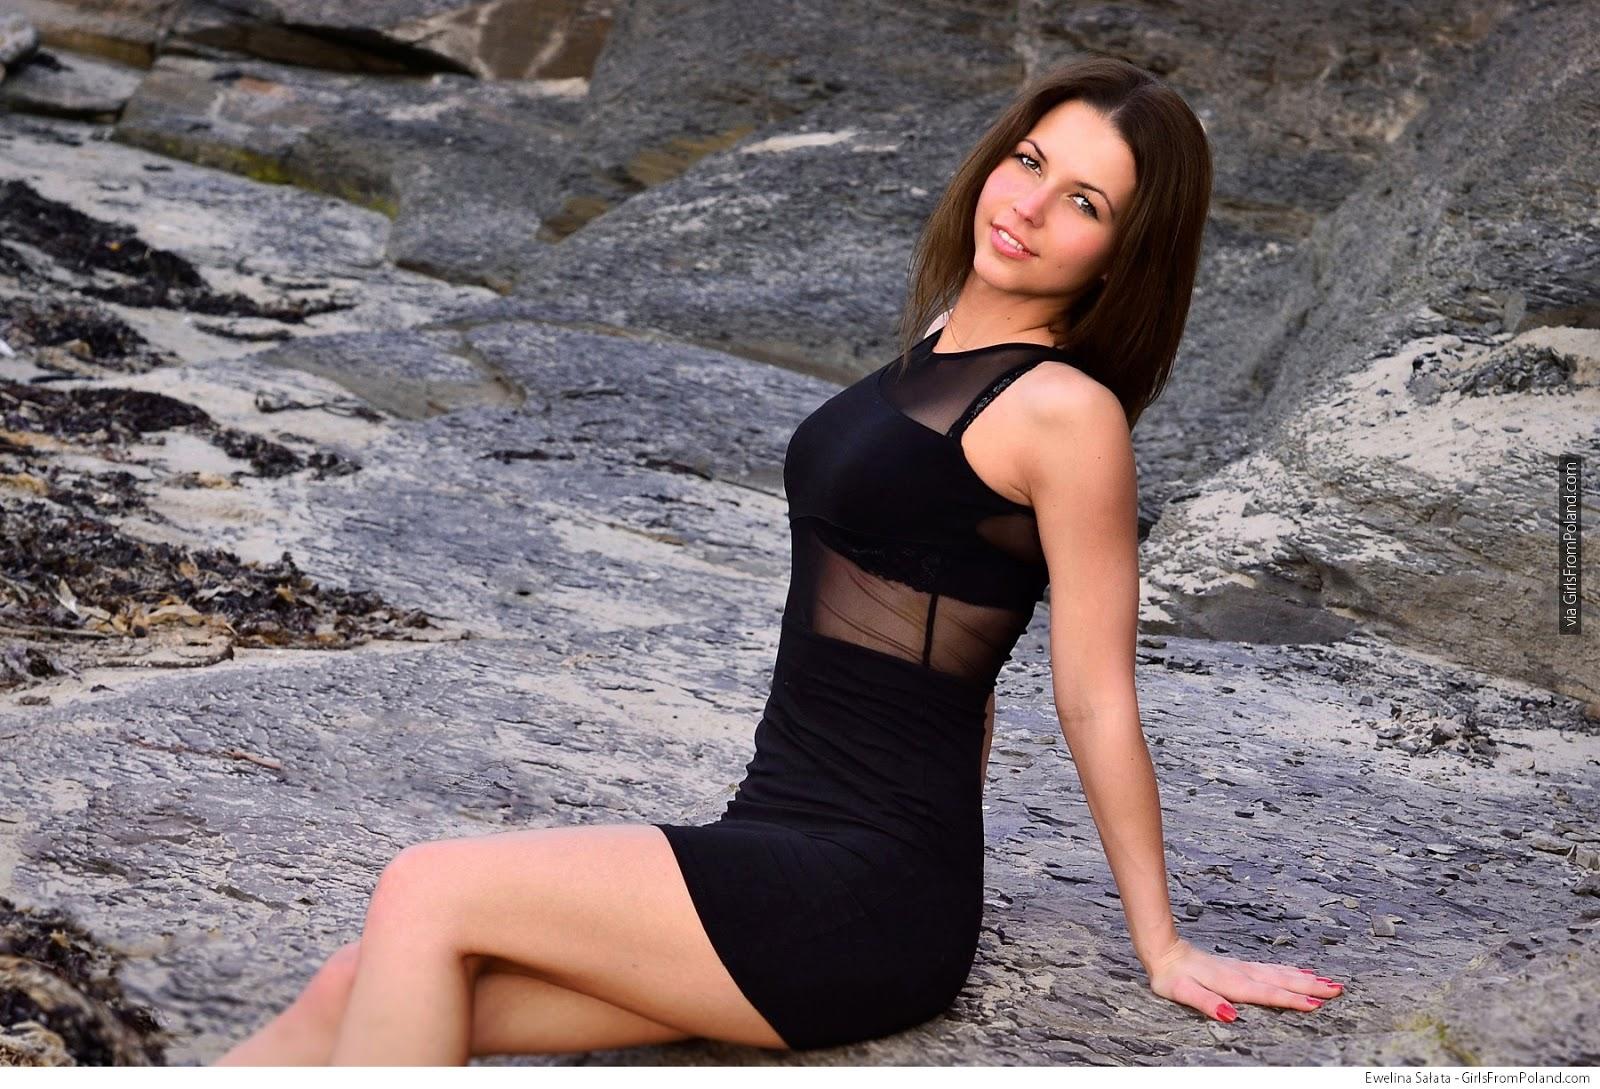 Ewelina Sałata Zdjęcie 13